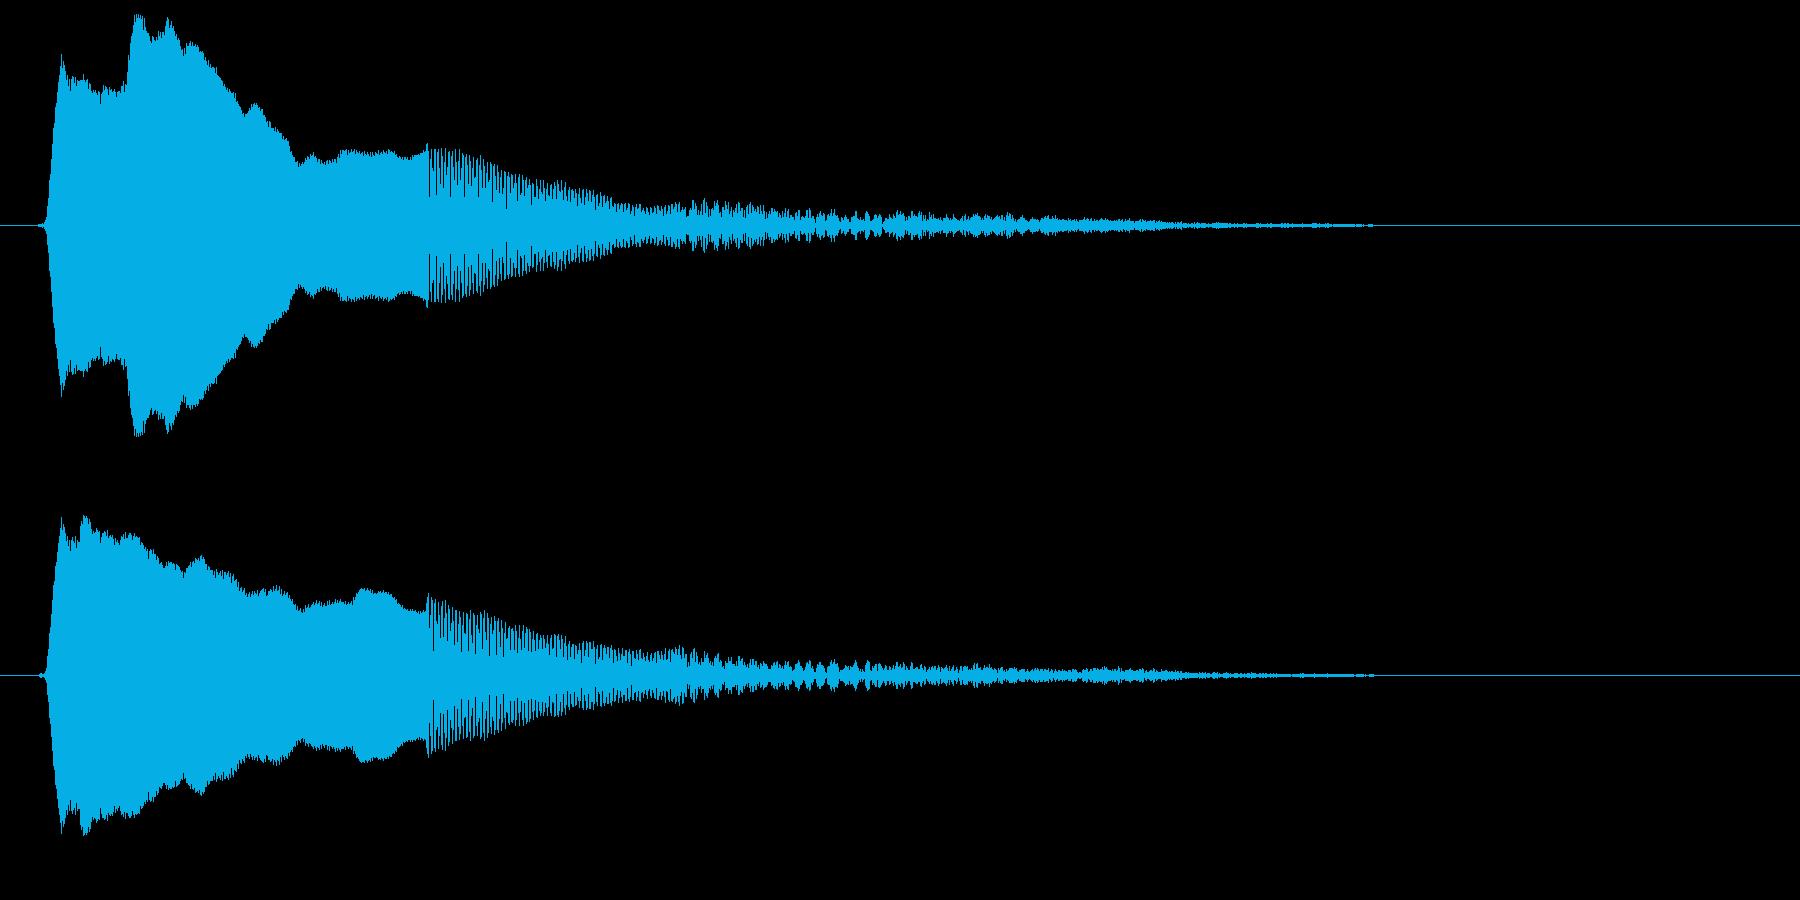 ボクシングのゴングのような音の再生済みの波形